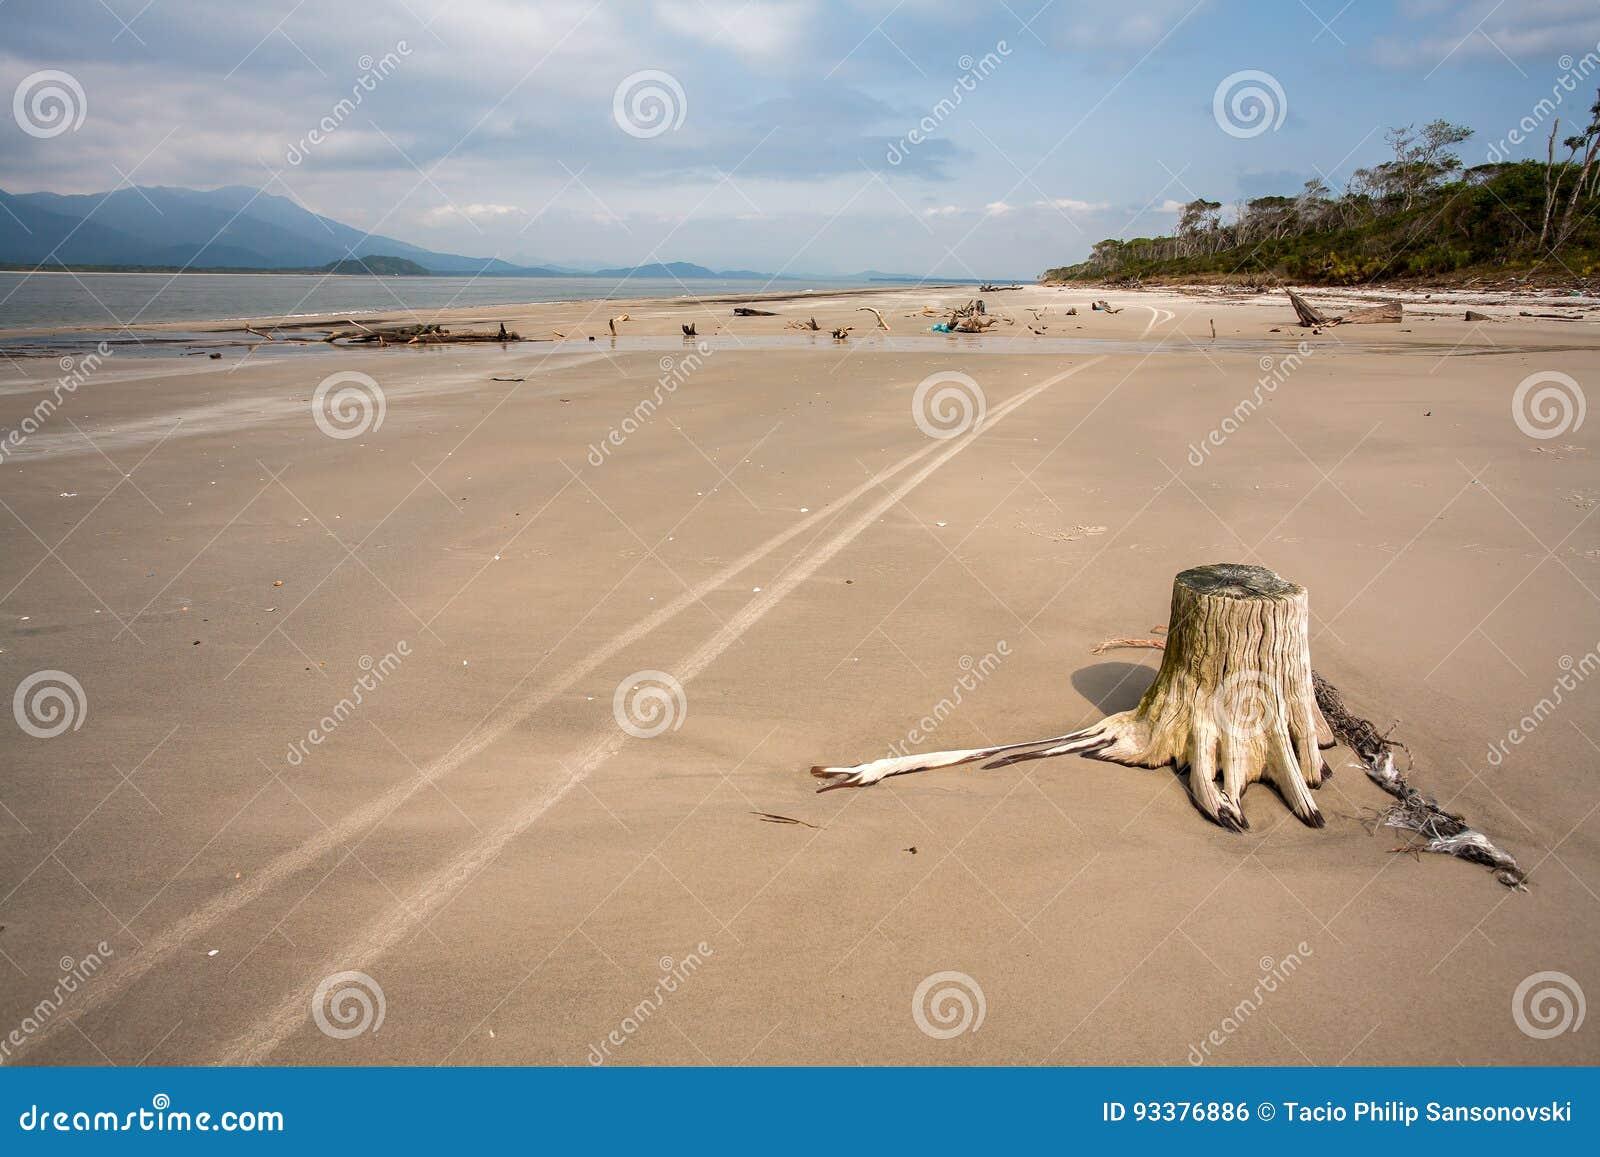 Tom strand med stammar i sand- och weelfläckarna i Brasilien